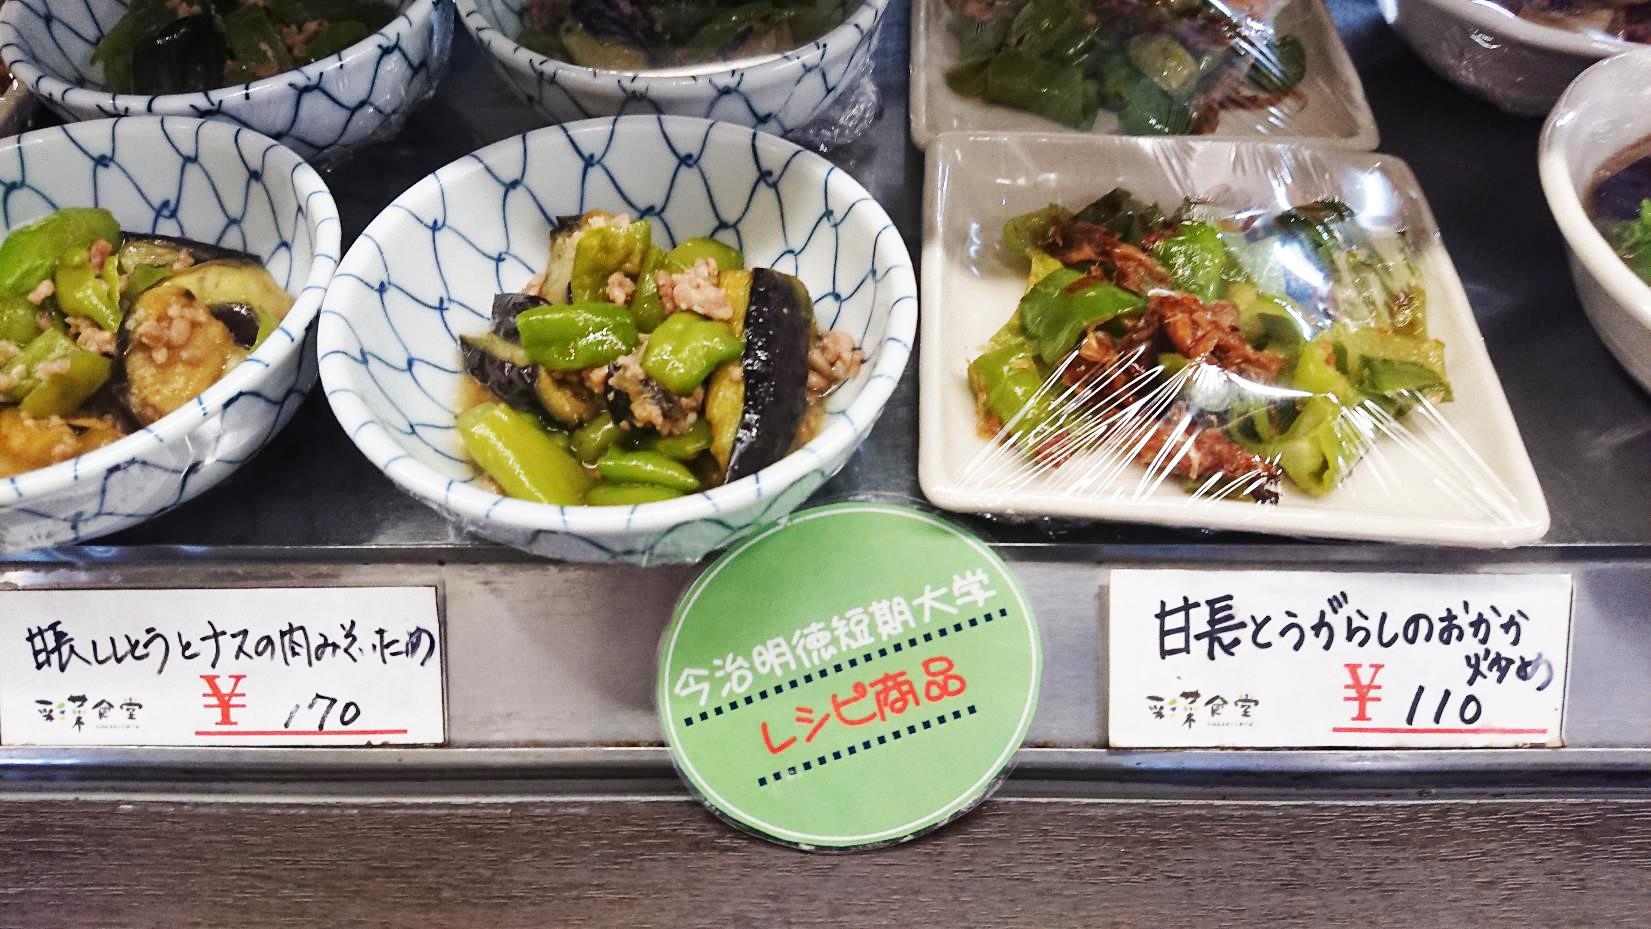 【めいたん調理】甘辛とうがらしレシピ商品化